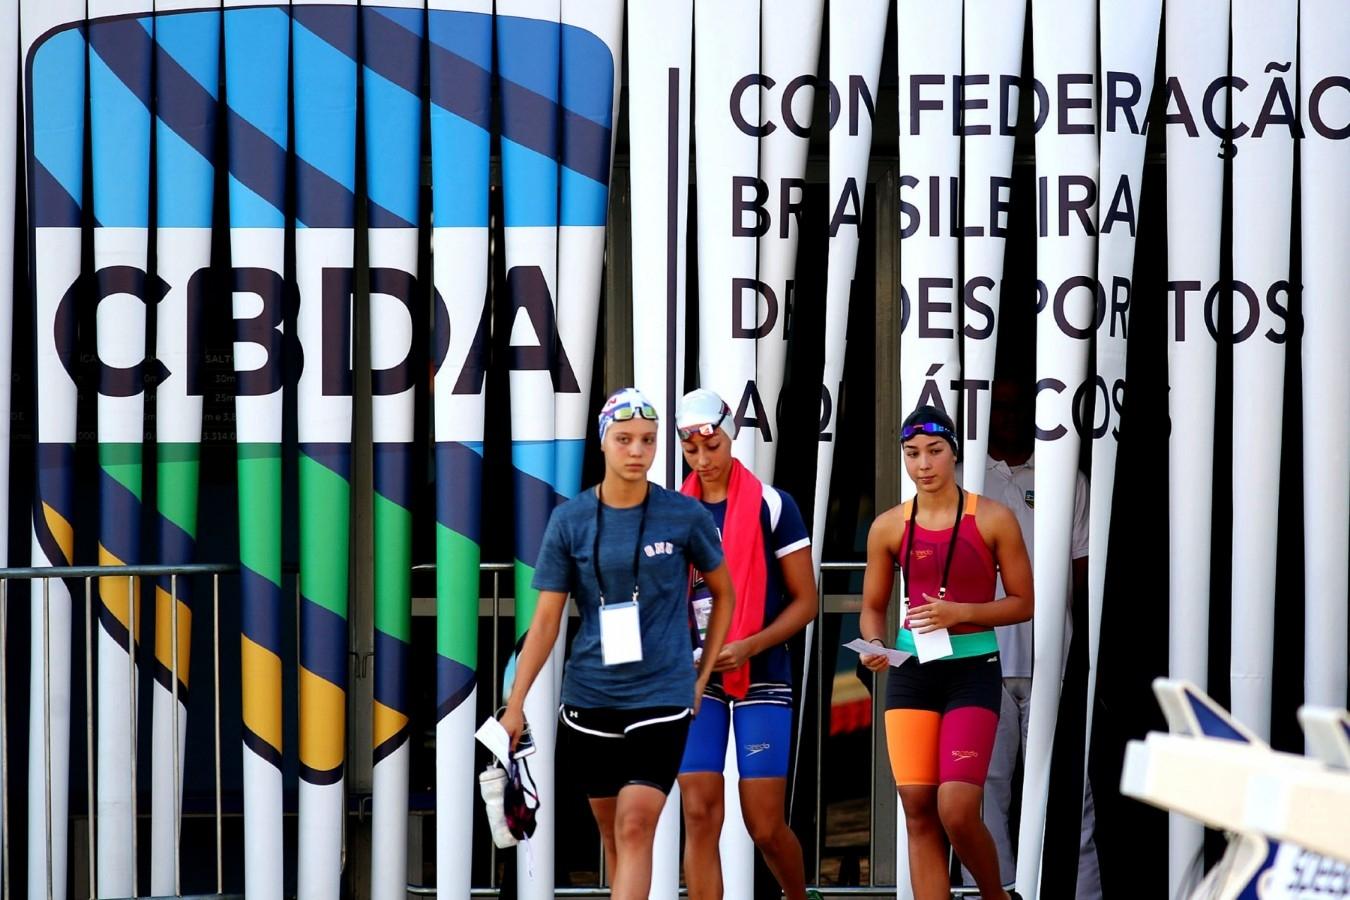 Trofeu Maria Lenk de Natacao. Parque Aquatica Maria Lenk. 16 de abril de 2019, Rio de Janeiro, RJ Brasil. Foto: Ricardo Sodré/SSPress/CBDA.